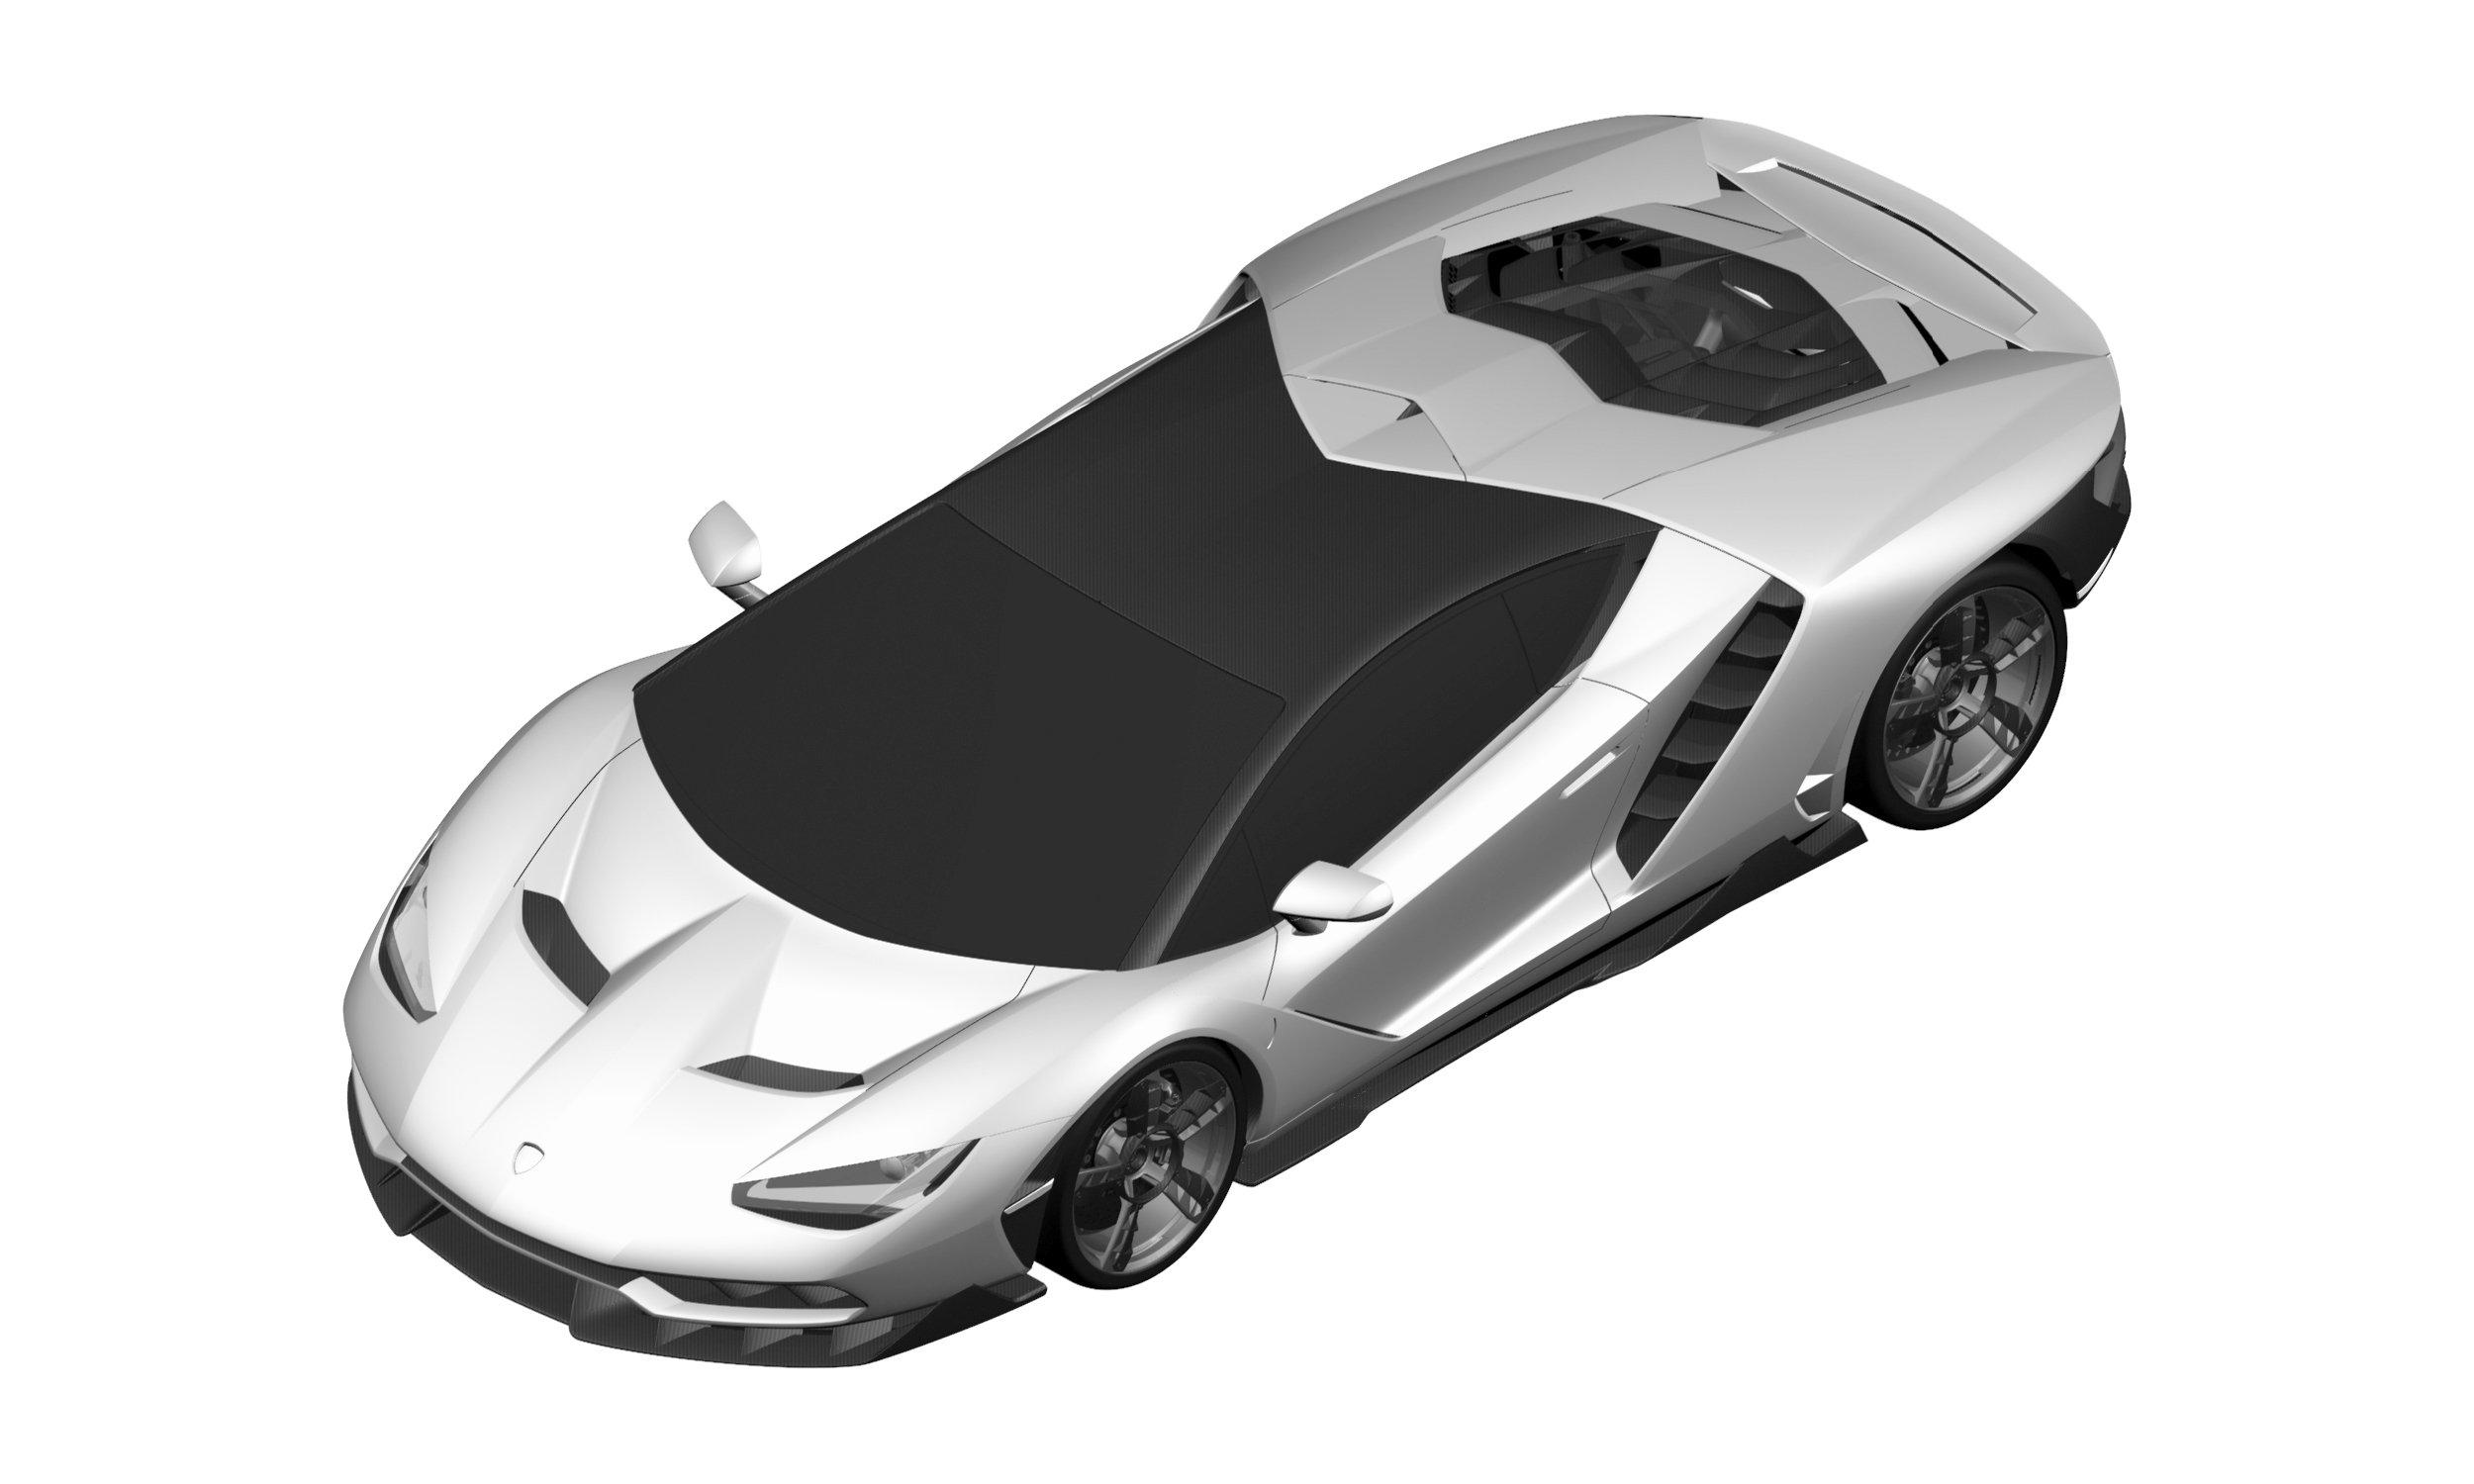 Is This The Lamborghini Centenario Lp 770 4 Supercar